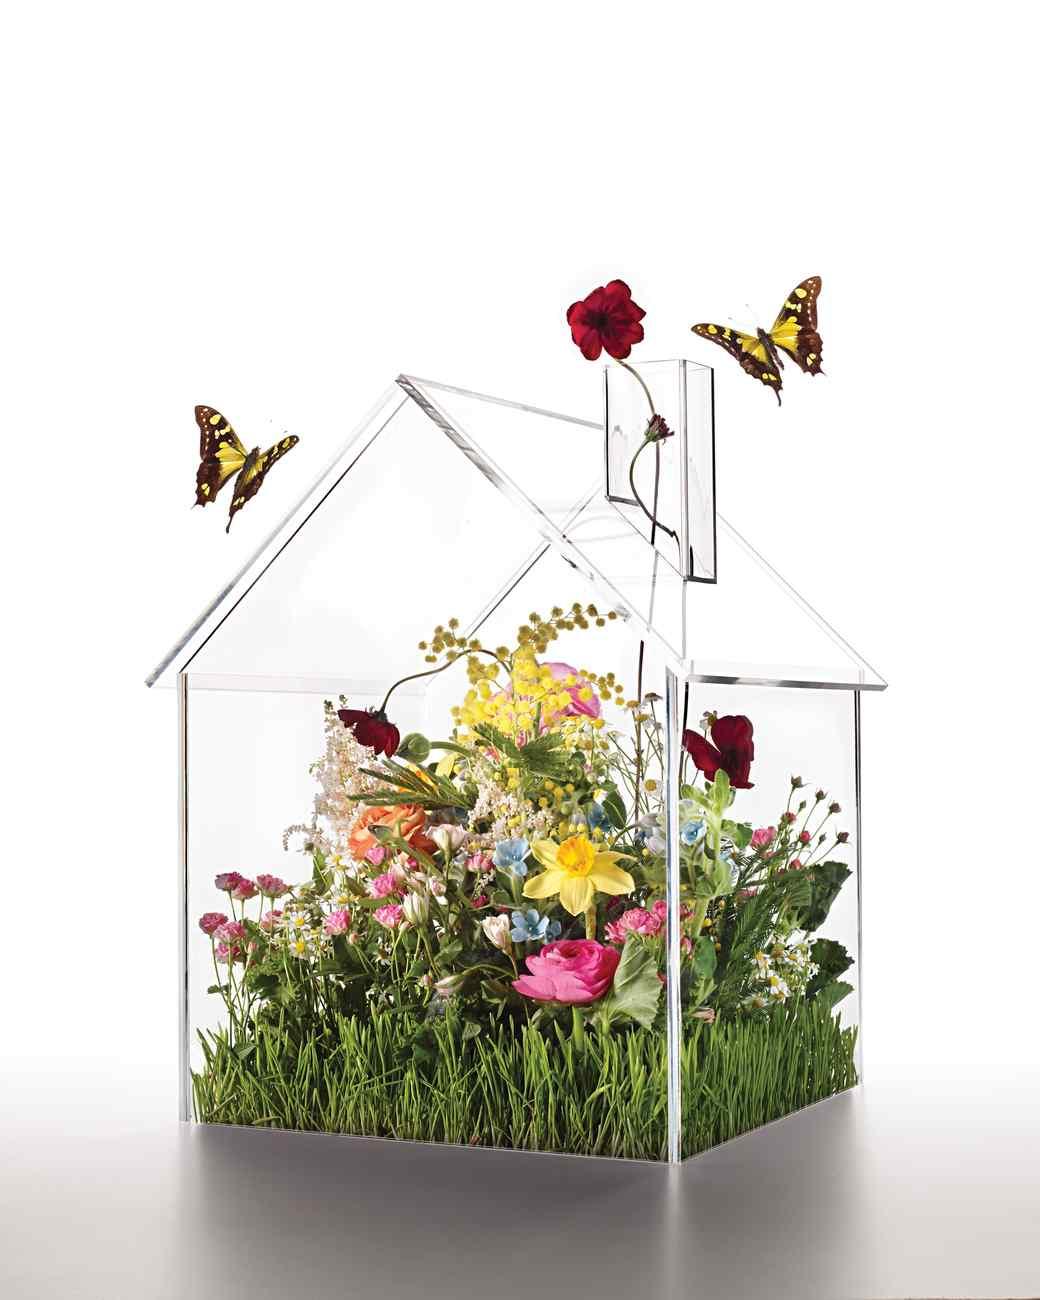 home-clean-air-157-d112859-0416.jpg